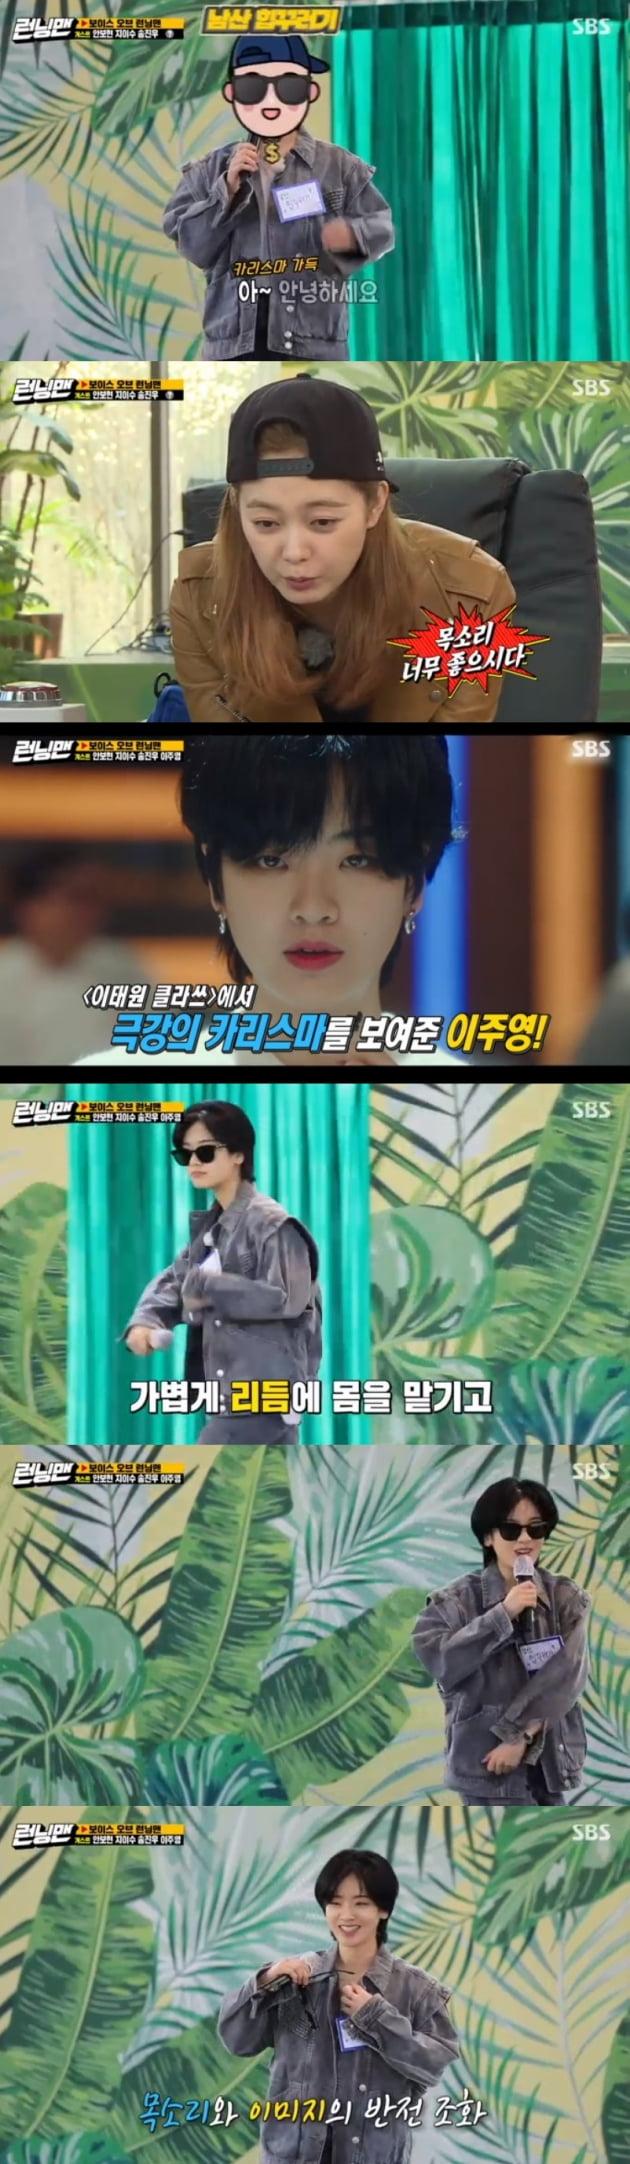 '런닝맨' 이주영 / 사진 = SBS 영상 캡처